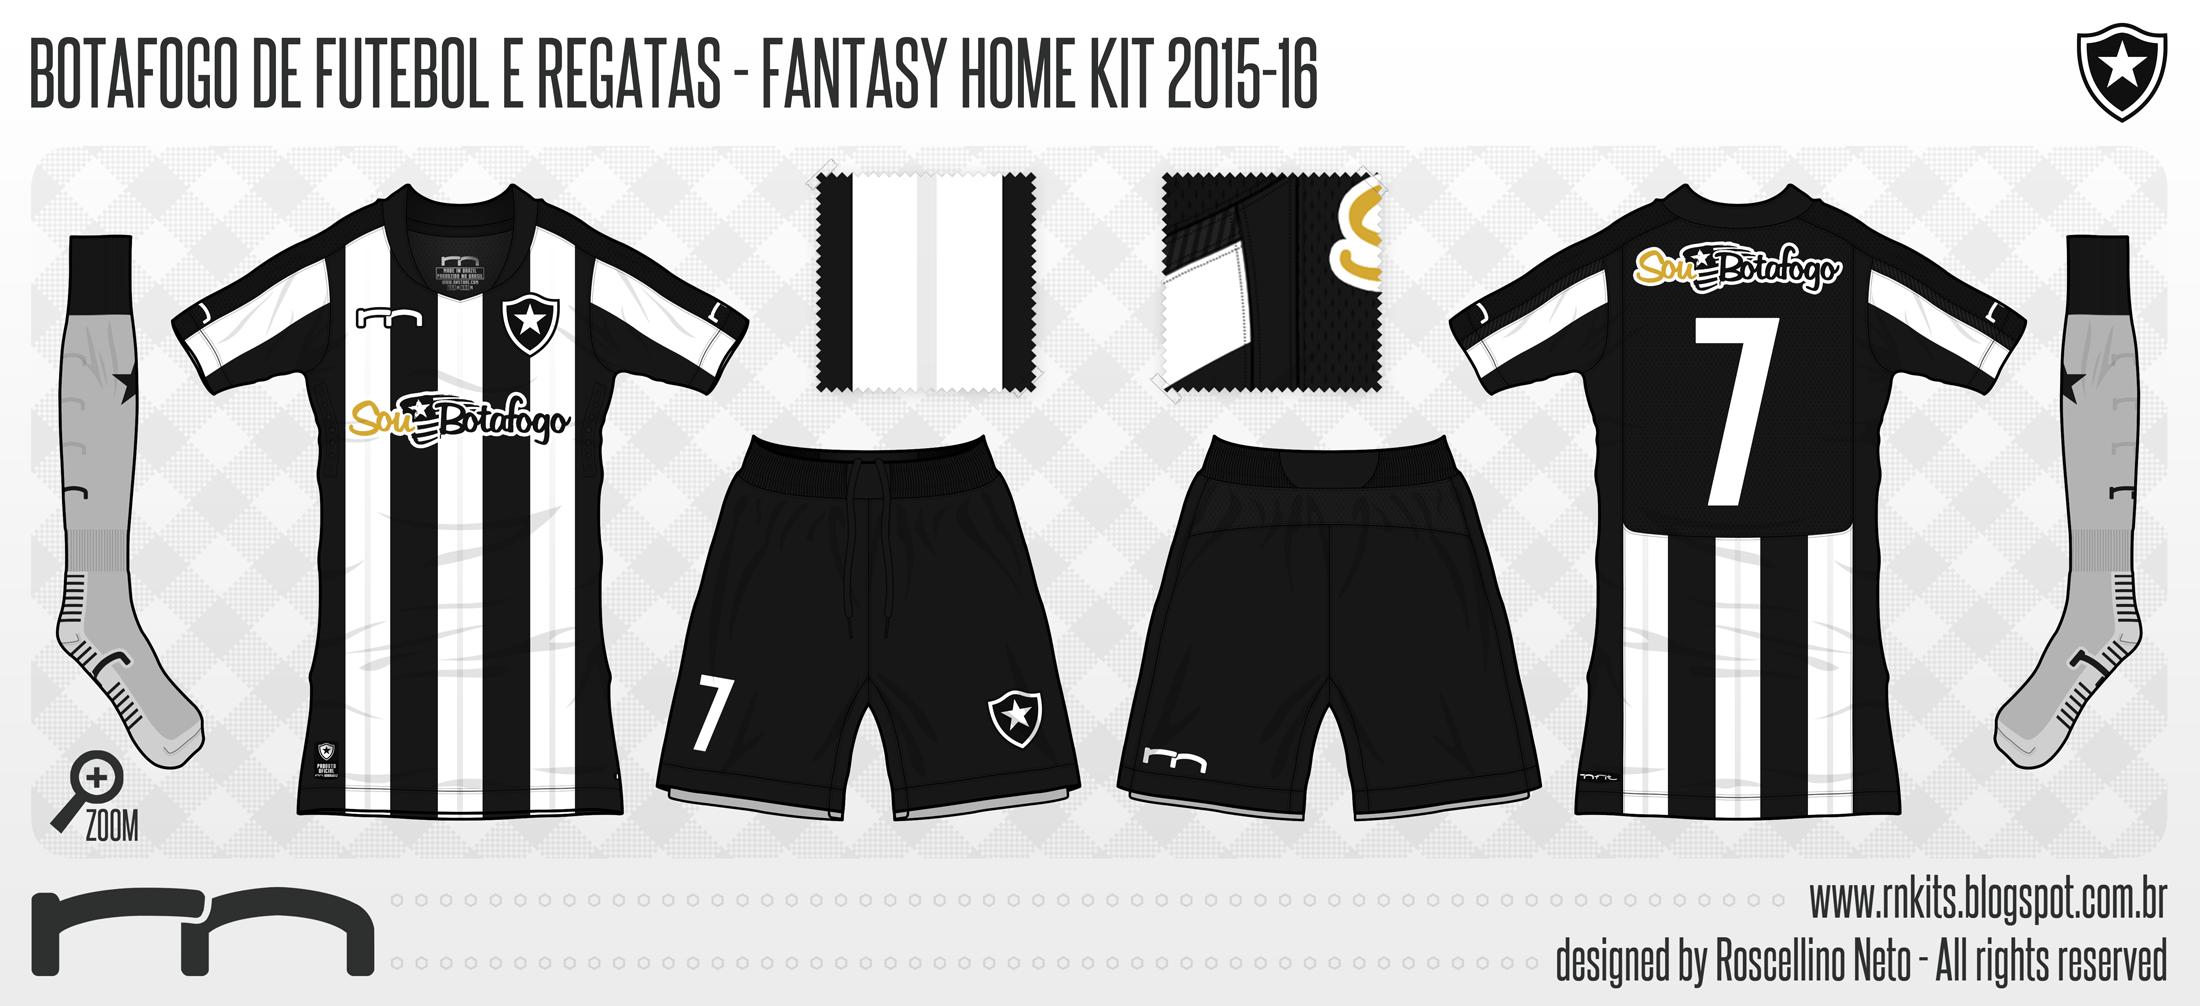 1691f8577d O kit home vem com a tradicionalíssima camisa listrada em preto e branco